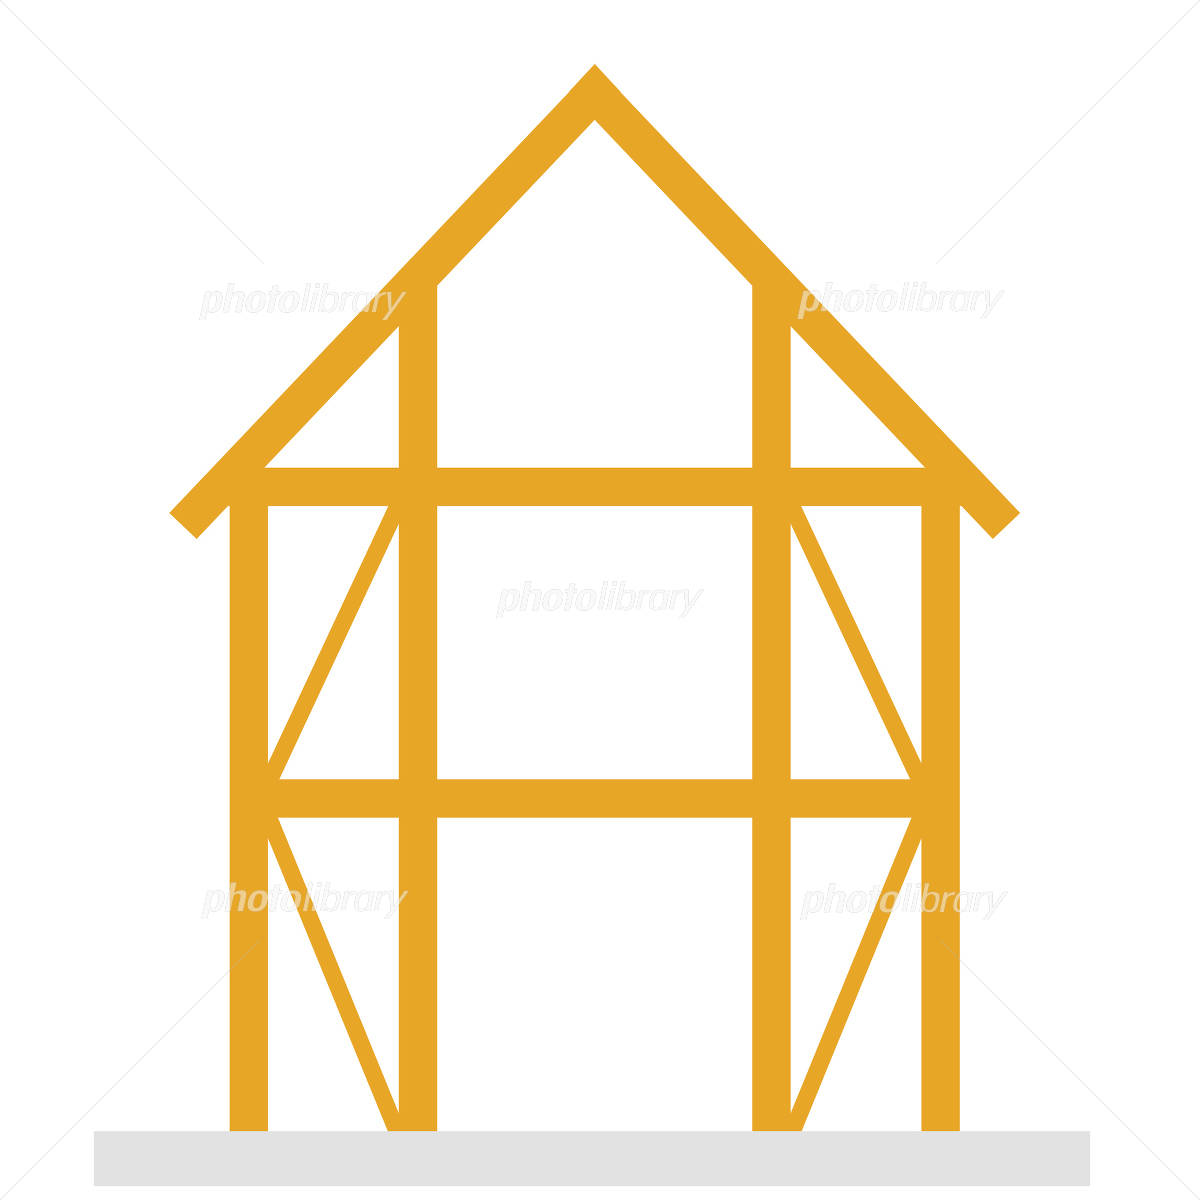 建築中木造の家 イラスト素材 フォトライブラリー Photolibrary